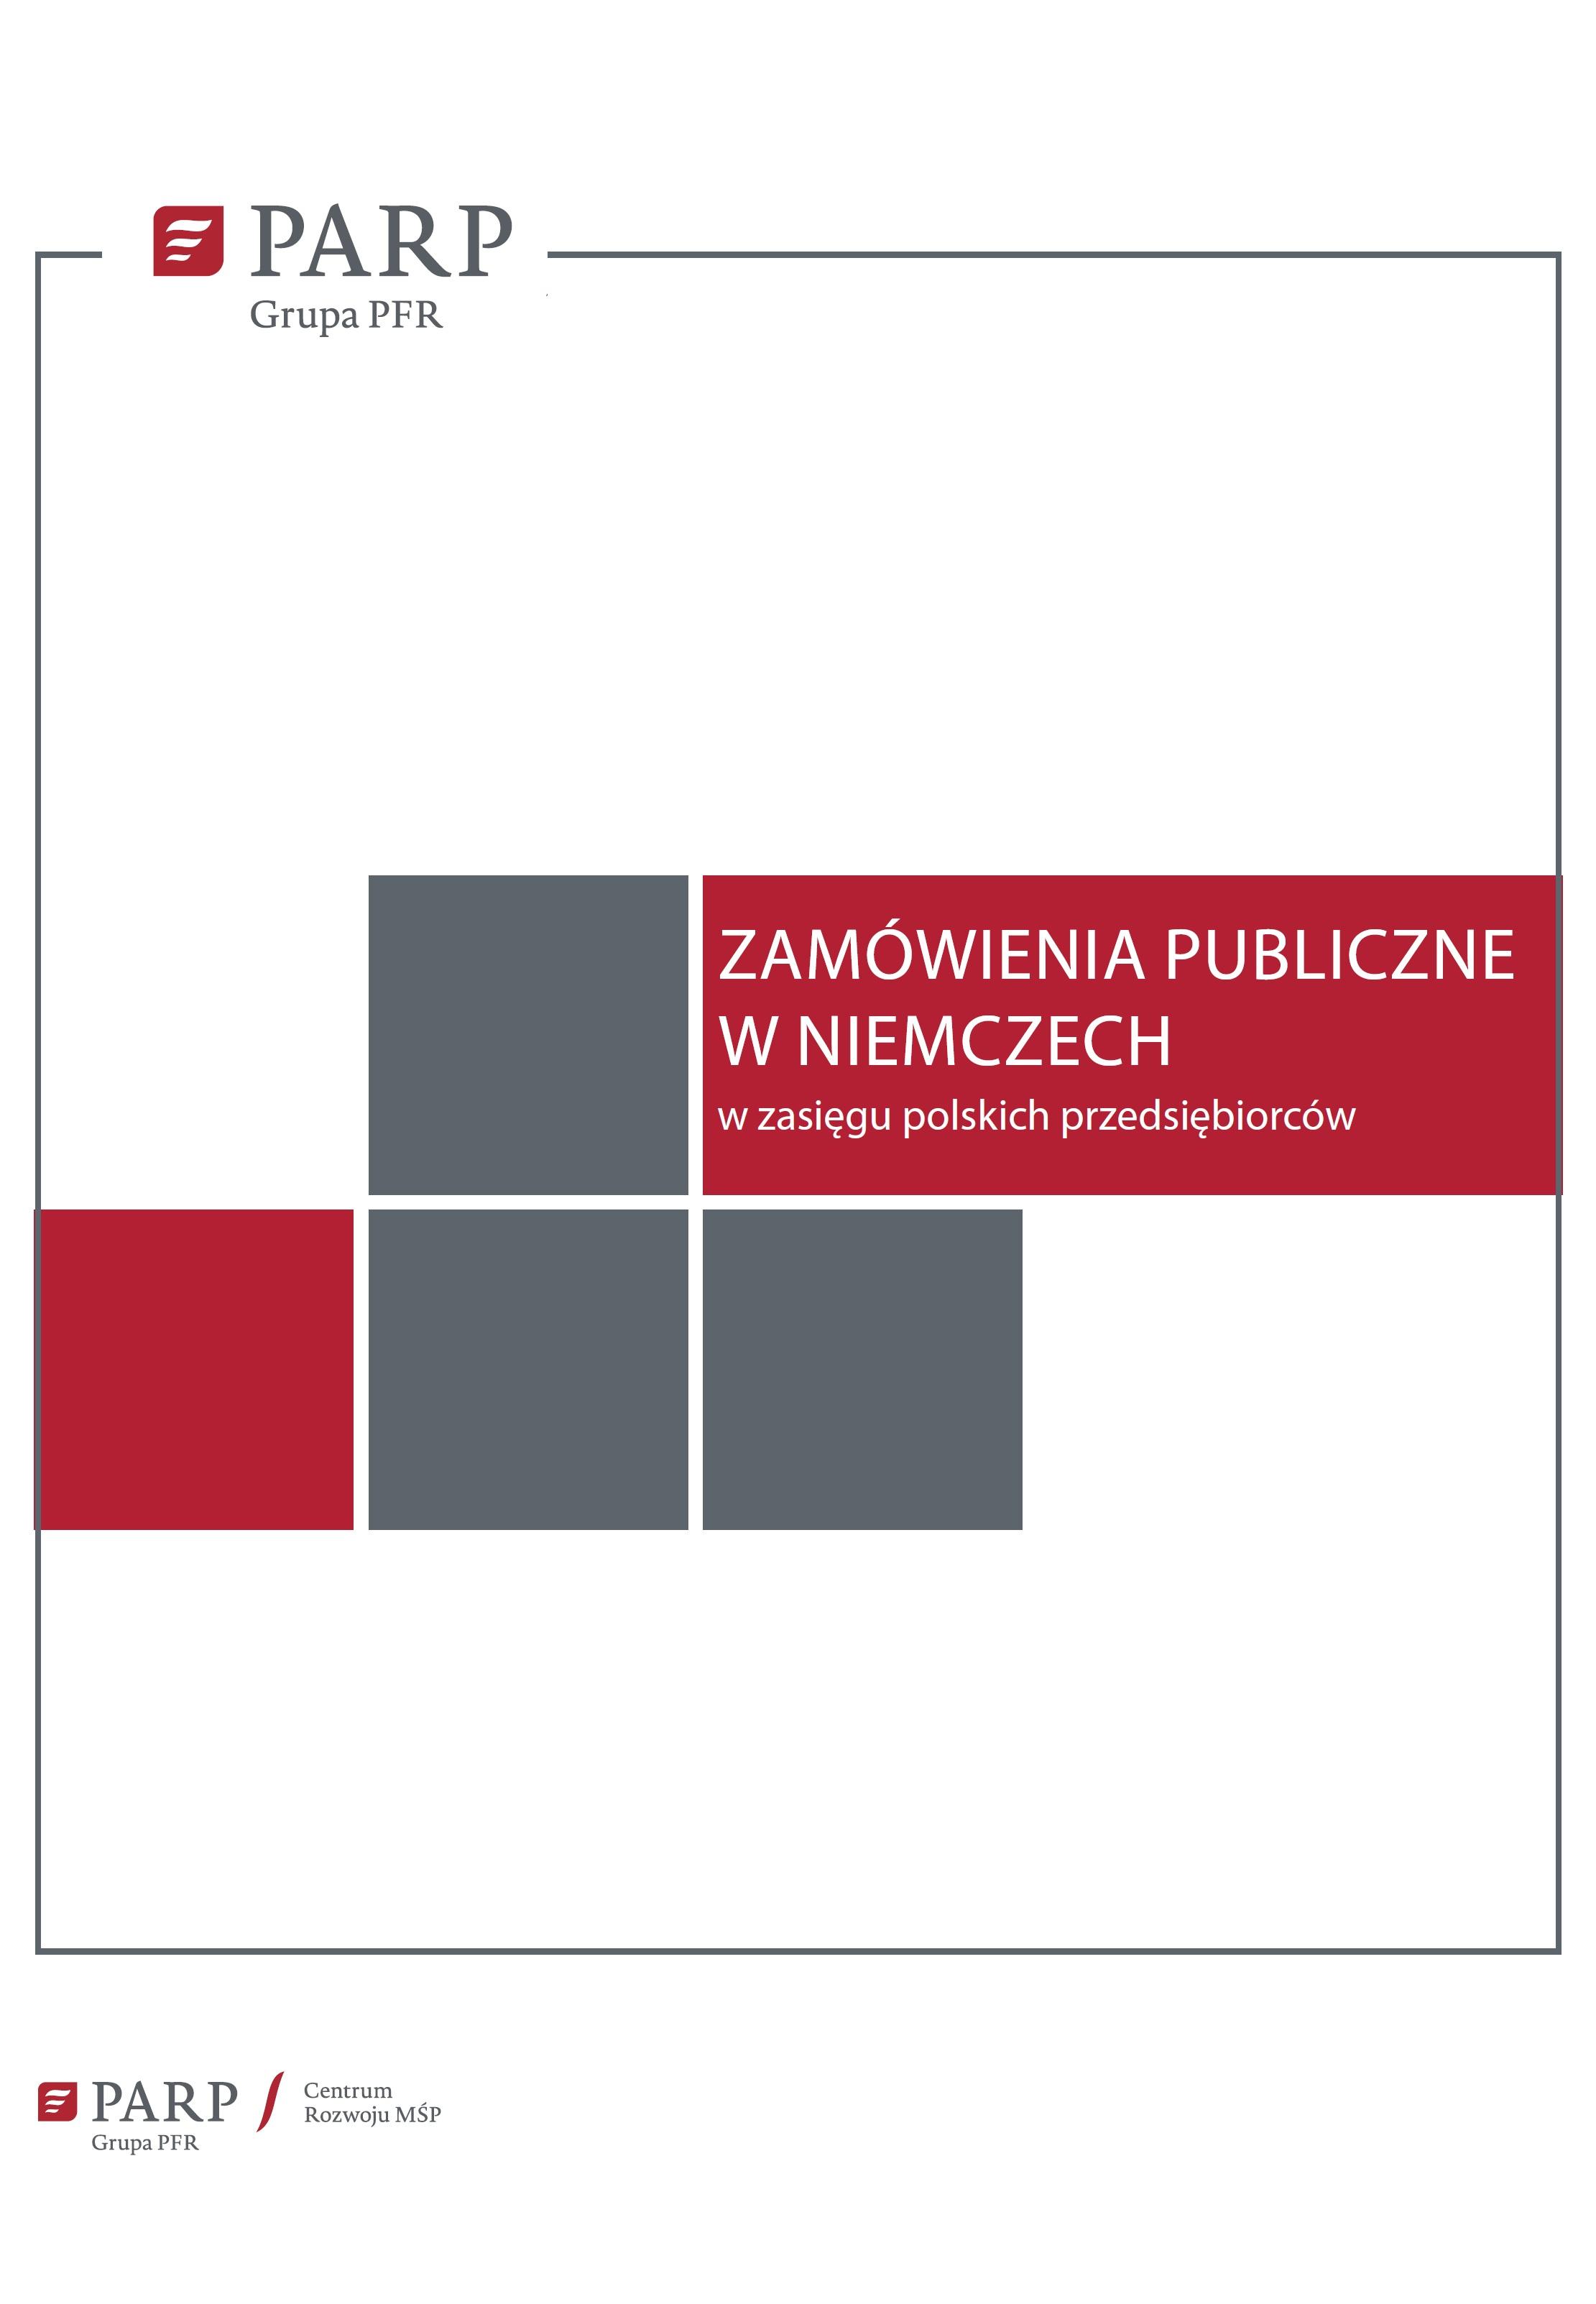 Zamówienia publiczne w Niemczech w zasięgu polskich przedsiębiorców